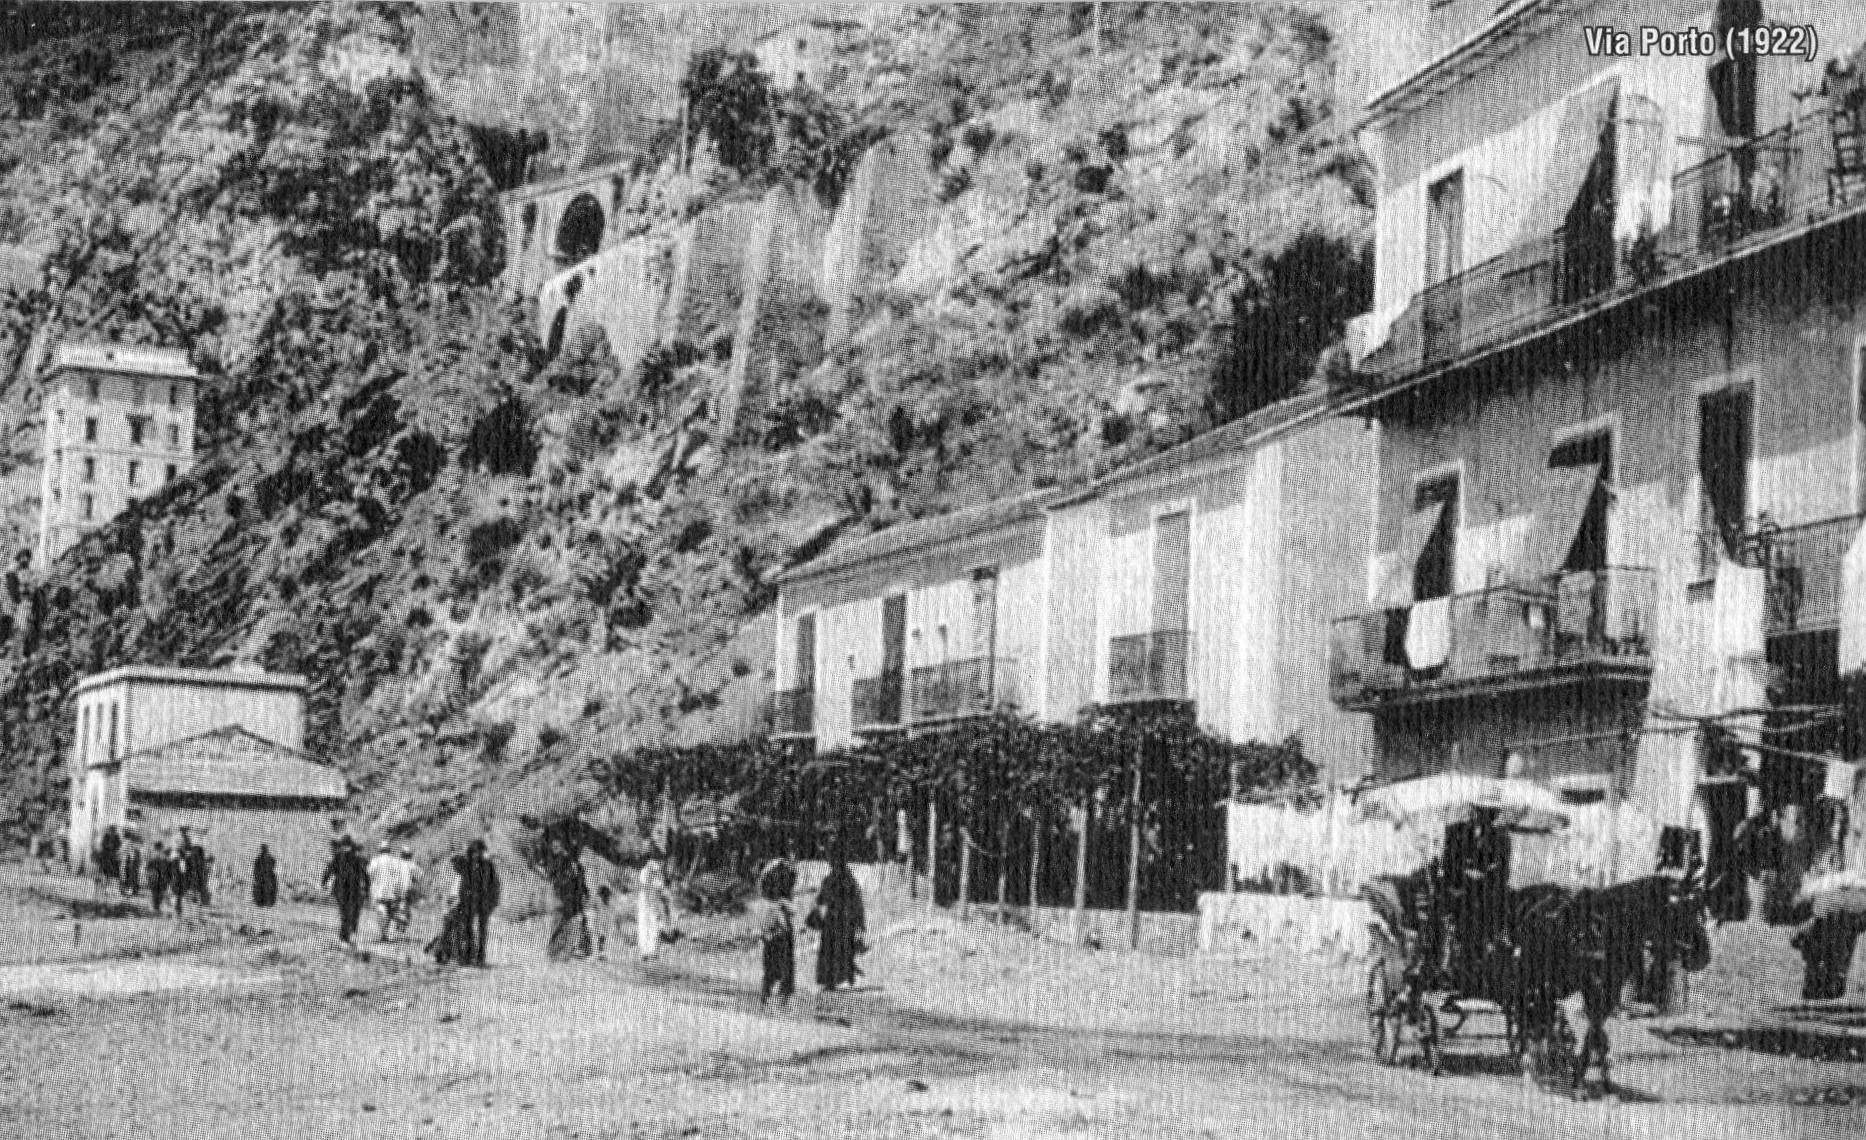 Via Porto (1922)